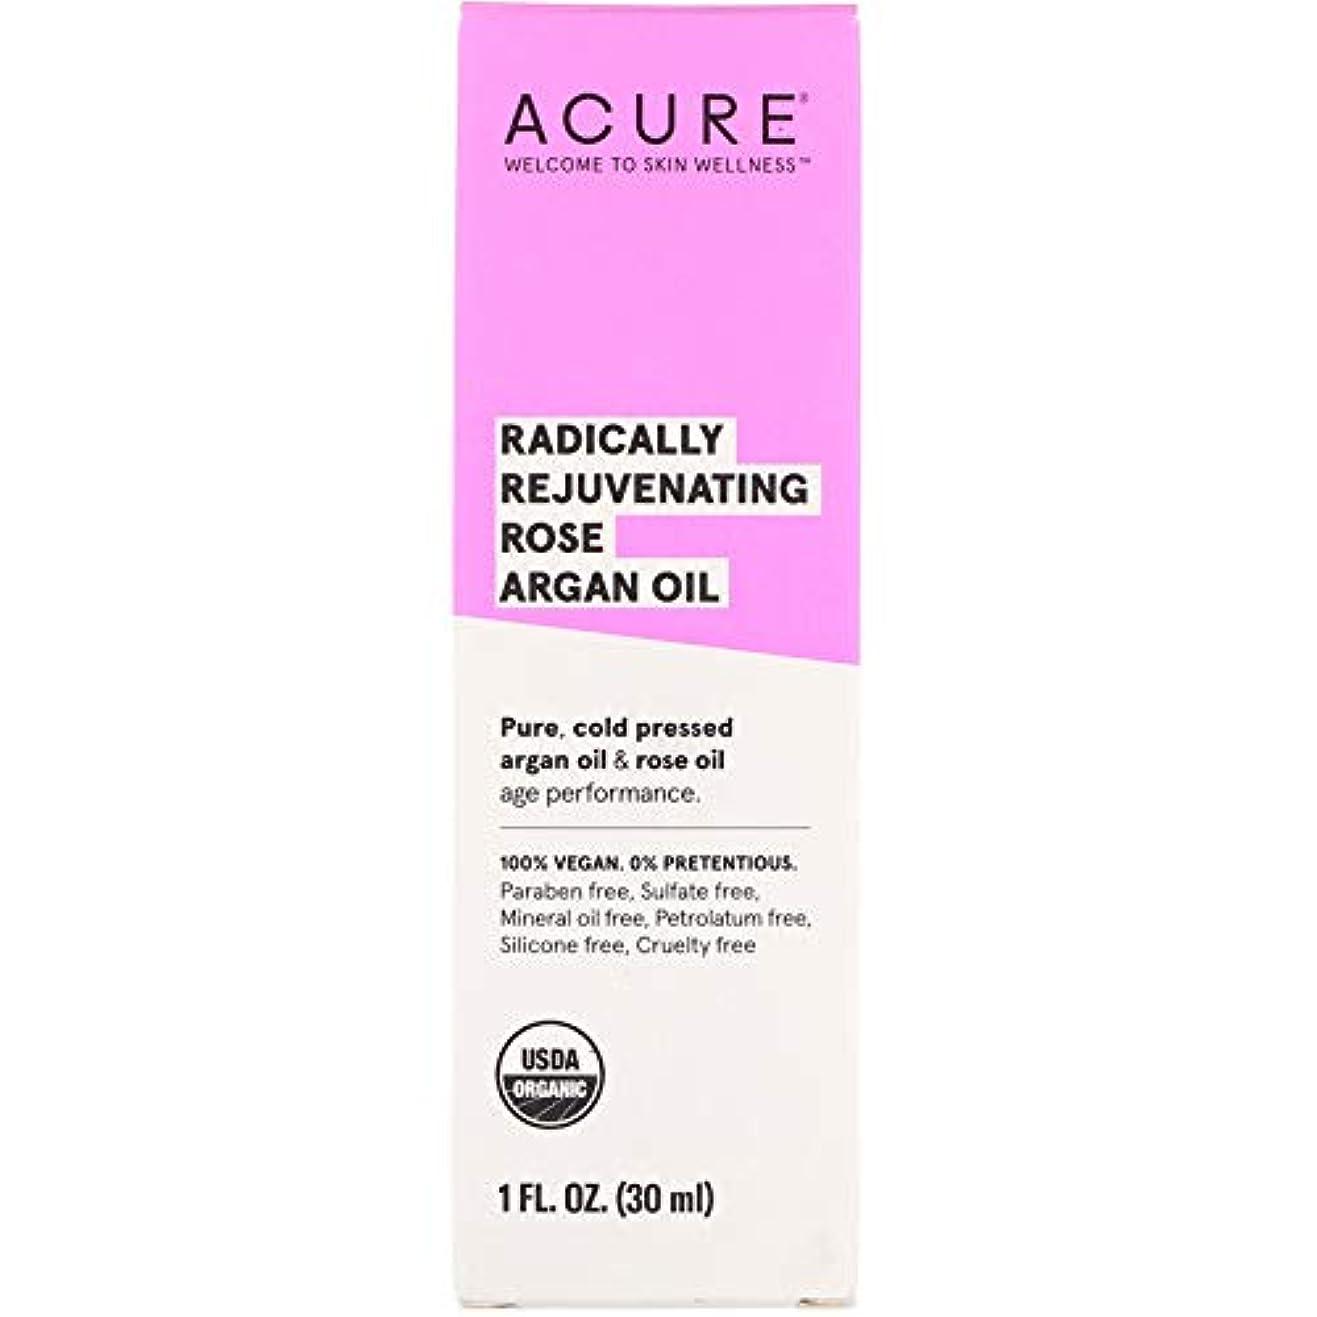 ロック解除ポーター衣服Acure Organics, Radically Rejuvenating, Rose Argan Oil, 1 fl oz ローズアルガンオイル (30 ml) [並行輸入品]